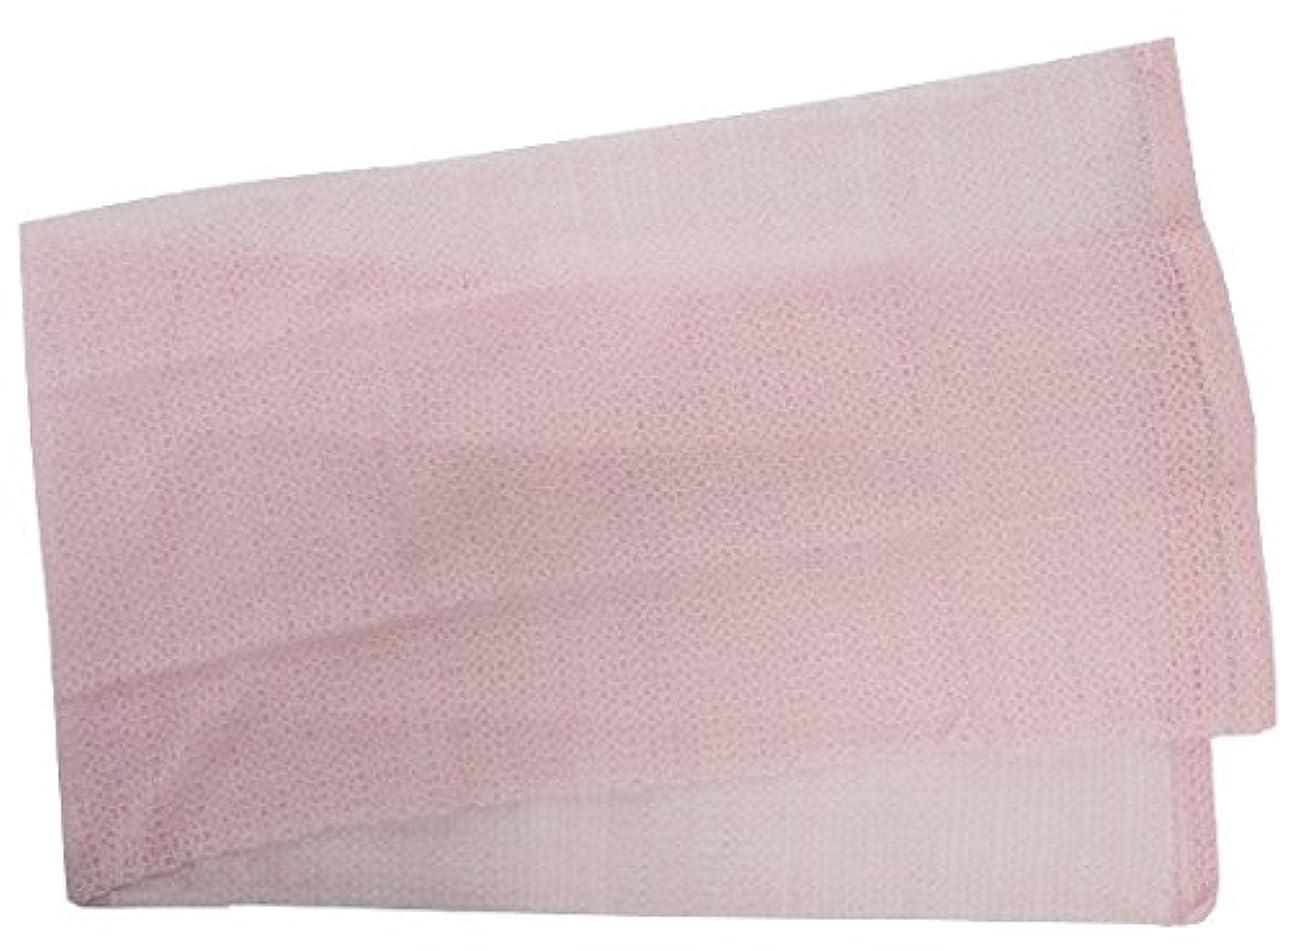 警察彼女自身ブラウザ小久保 『メレンゲのような泡立ちとソフトな肌ざわり』 モコモコボディタオル ピンク 24×100cm 2277